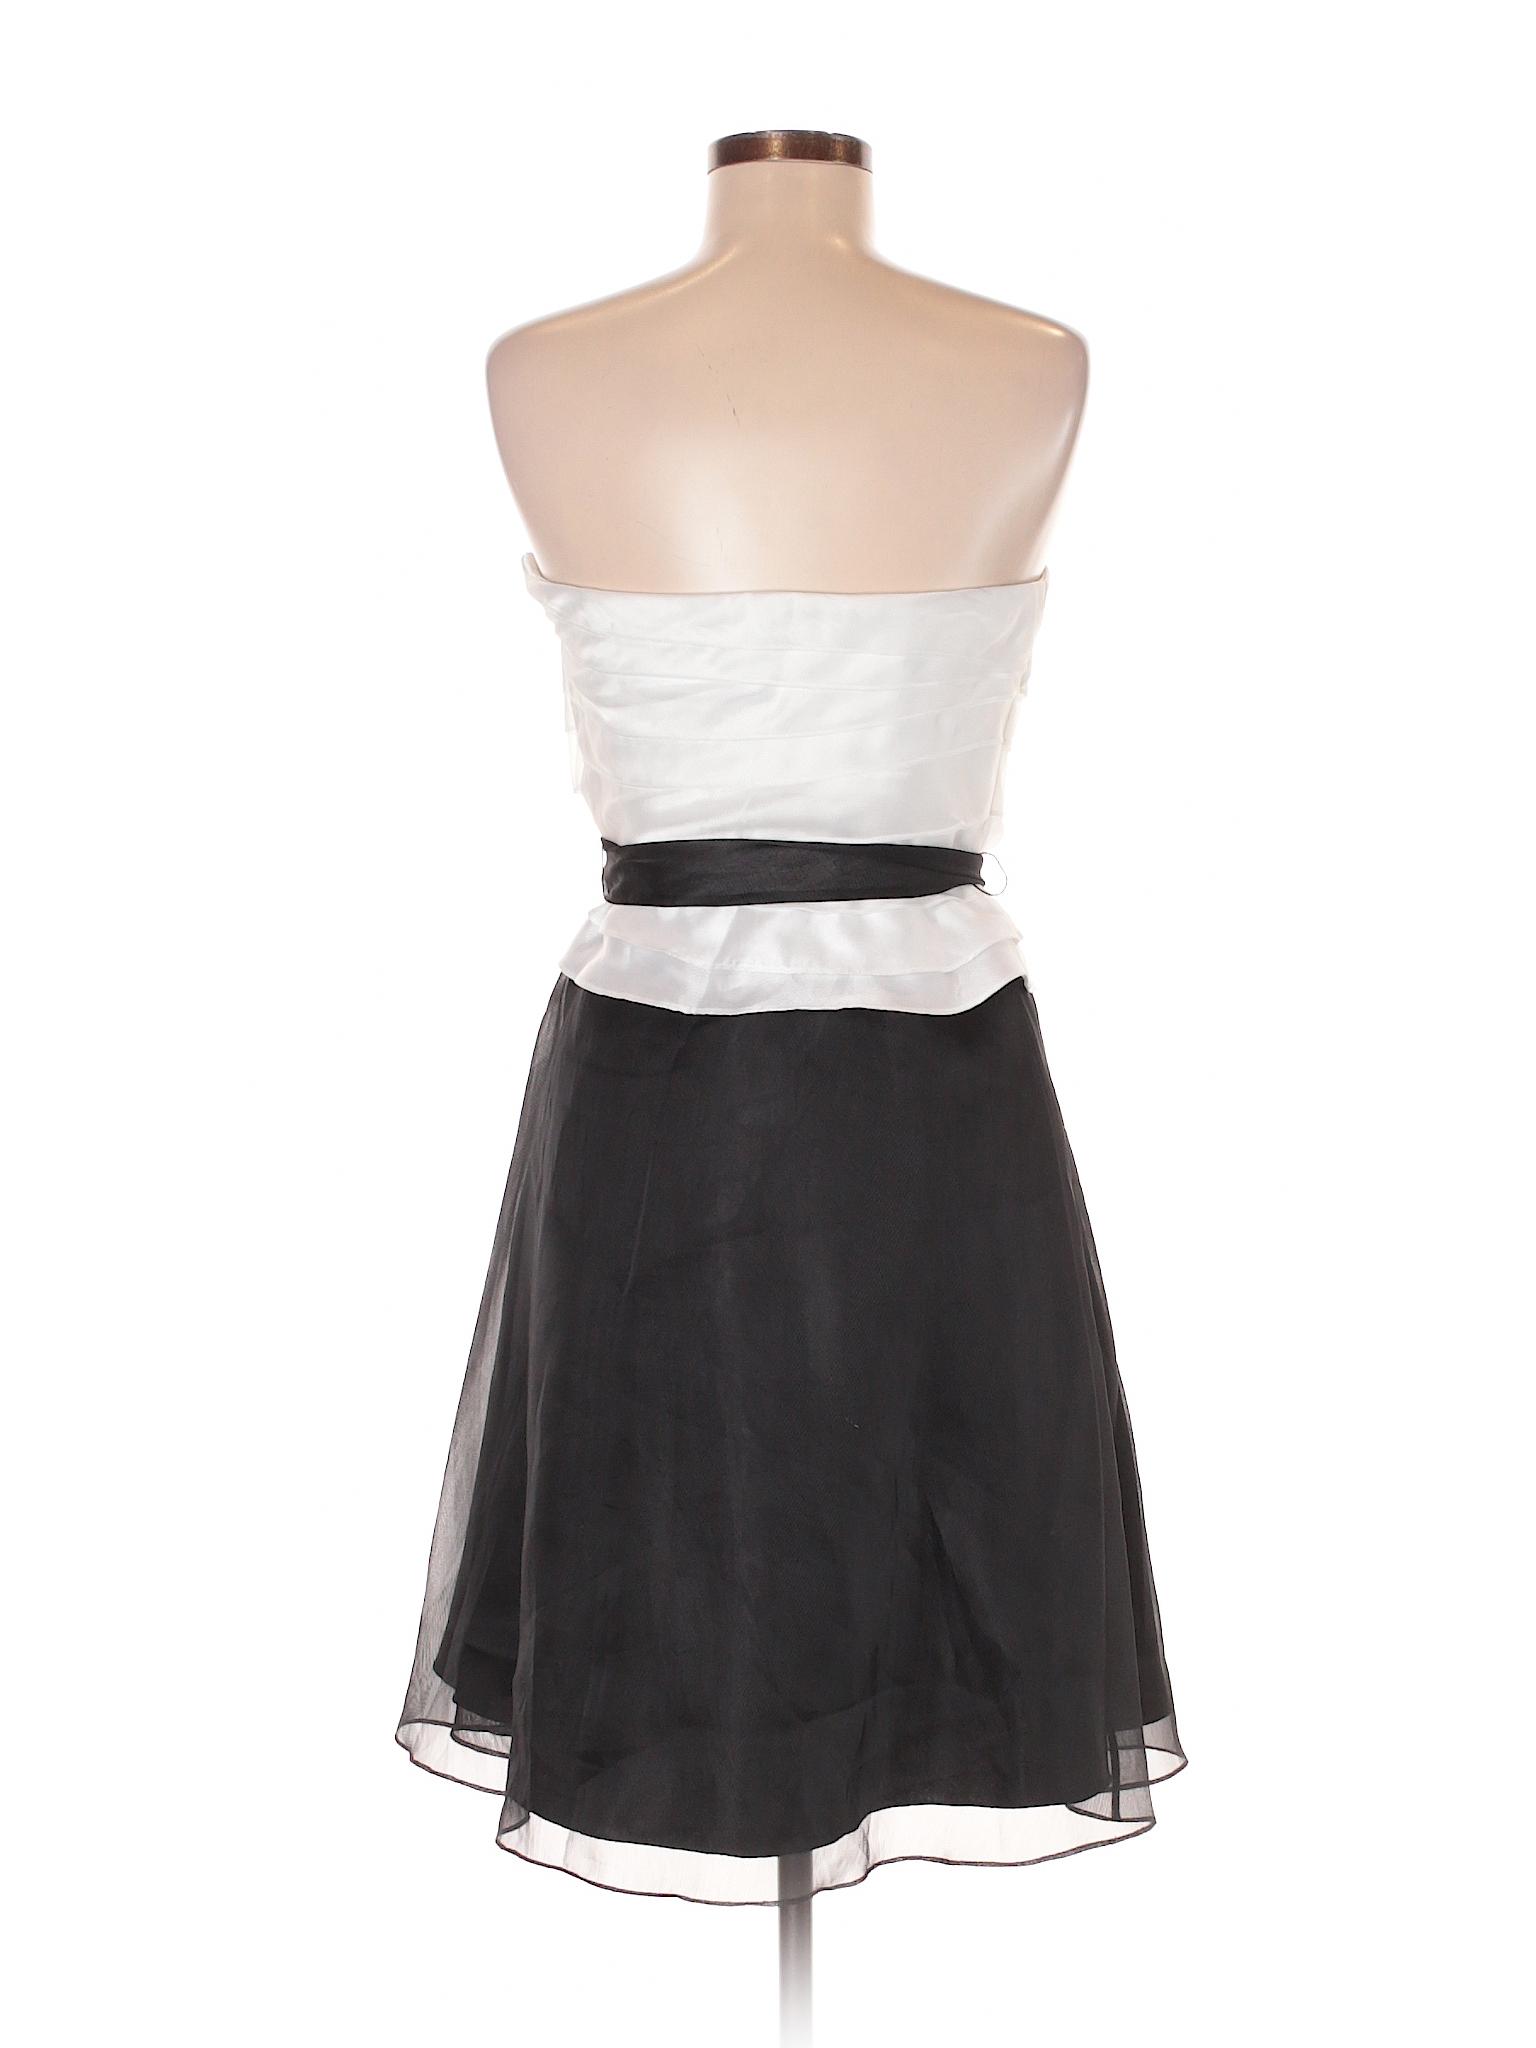 Dress Black Cocktail Market White winter House Boutique wqtxRY4PR